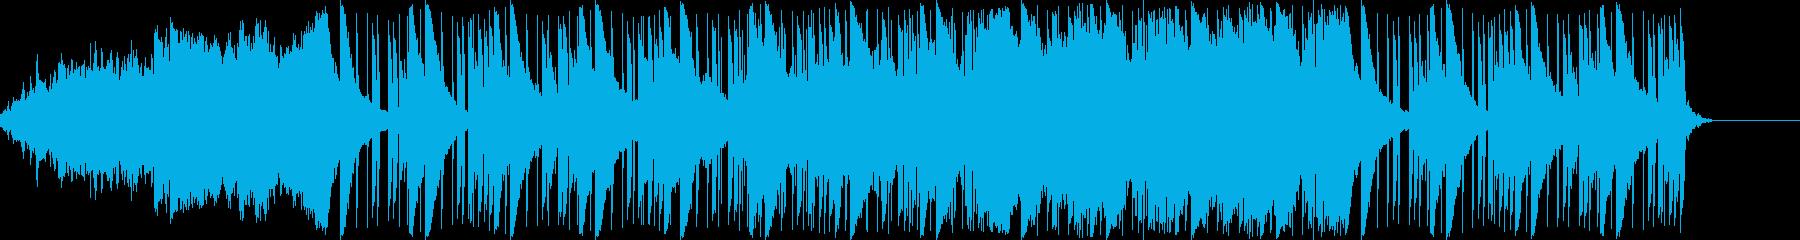 トラップ ヒップホップ R&B ポ...の再生済みの波形